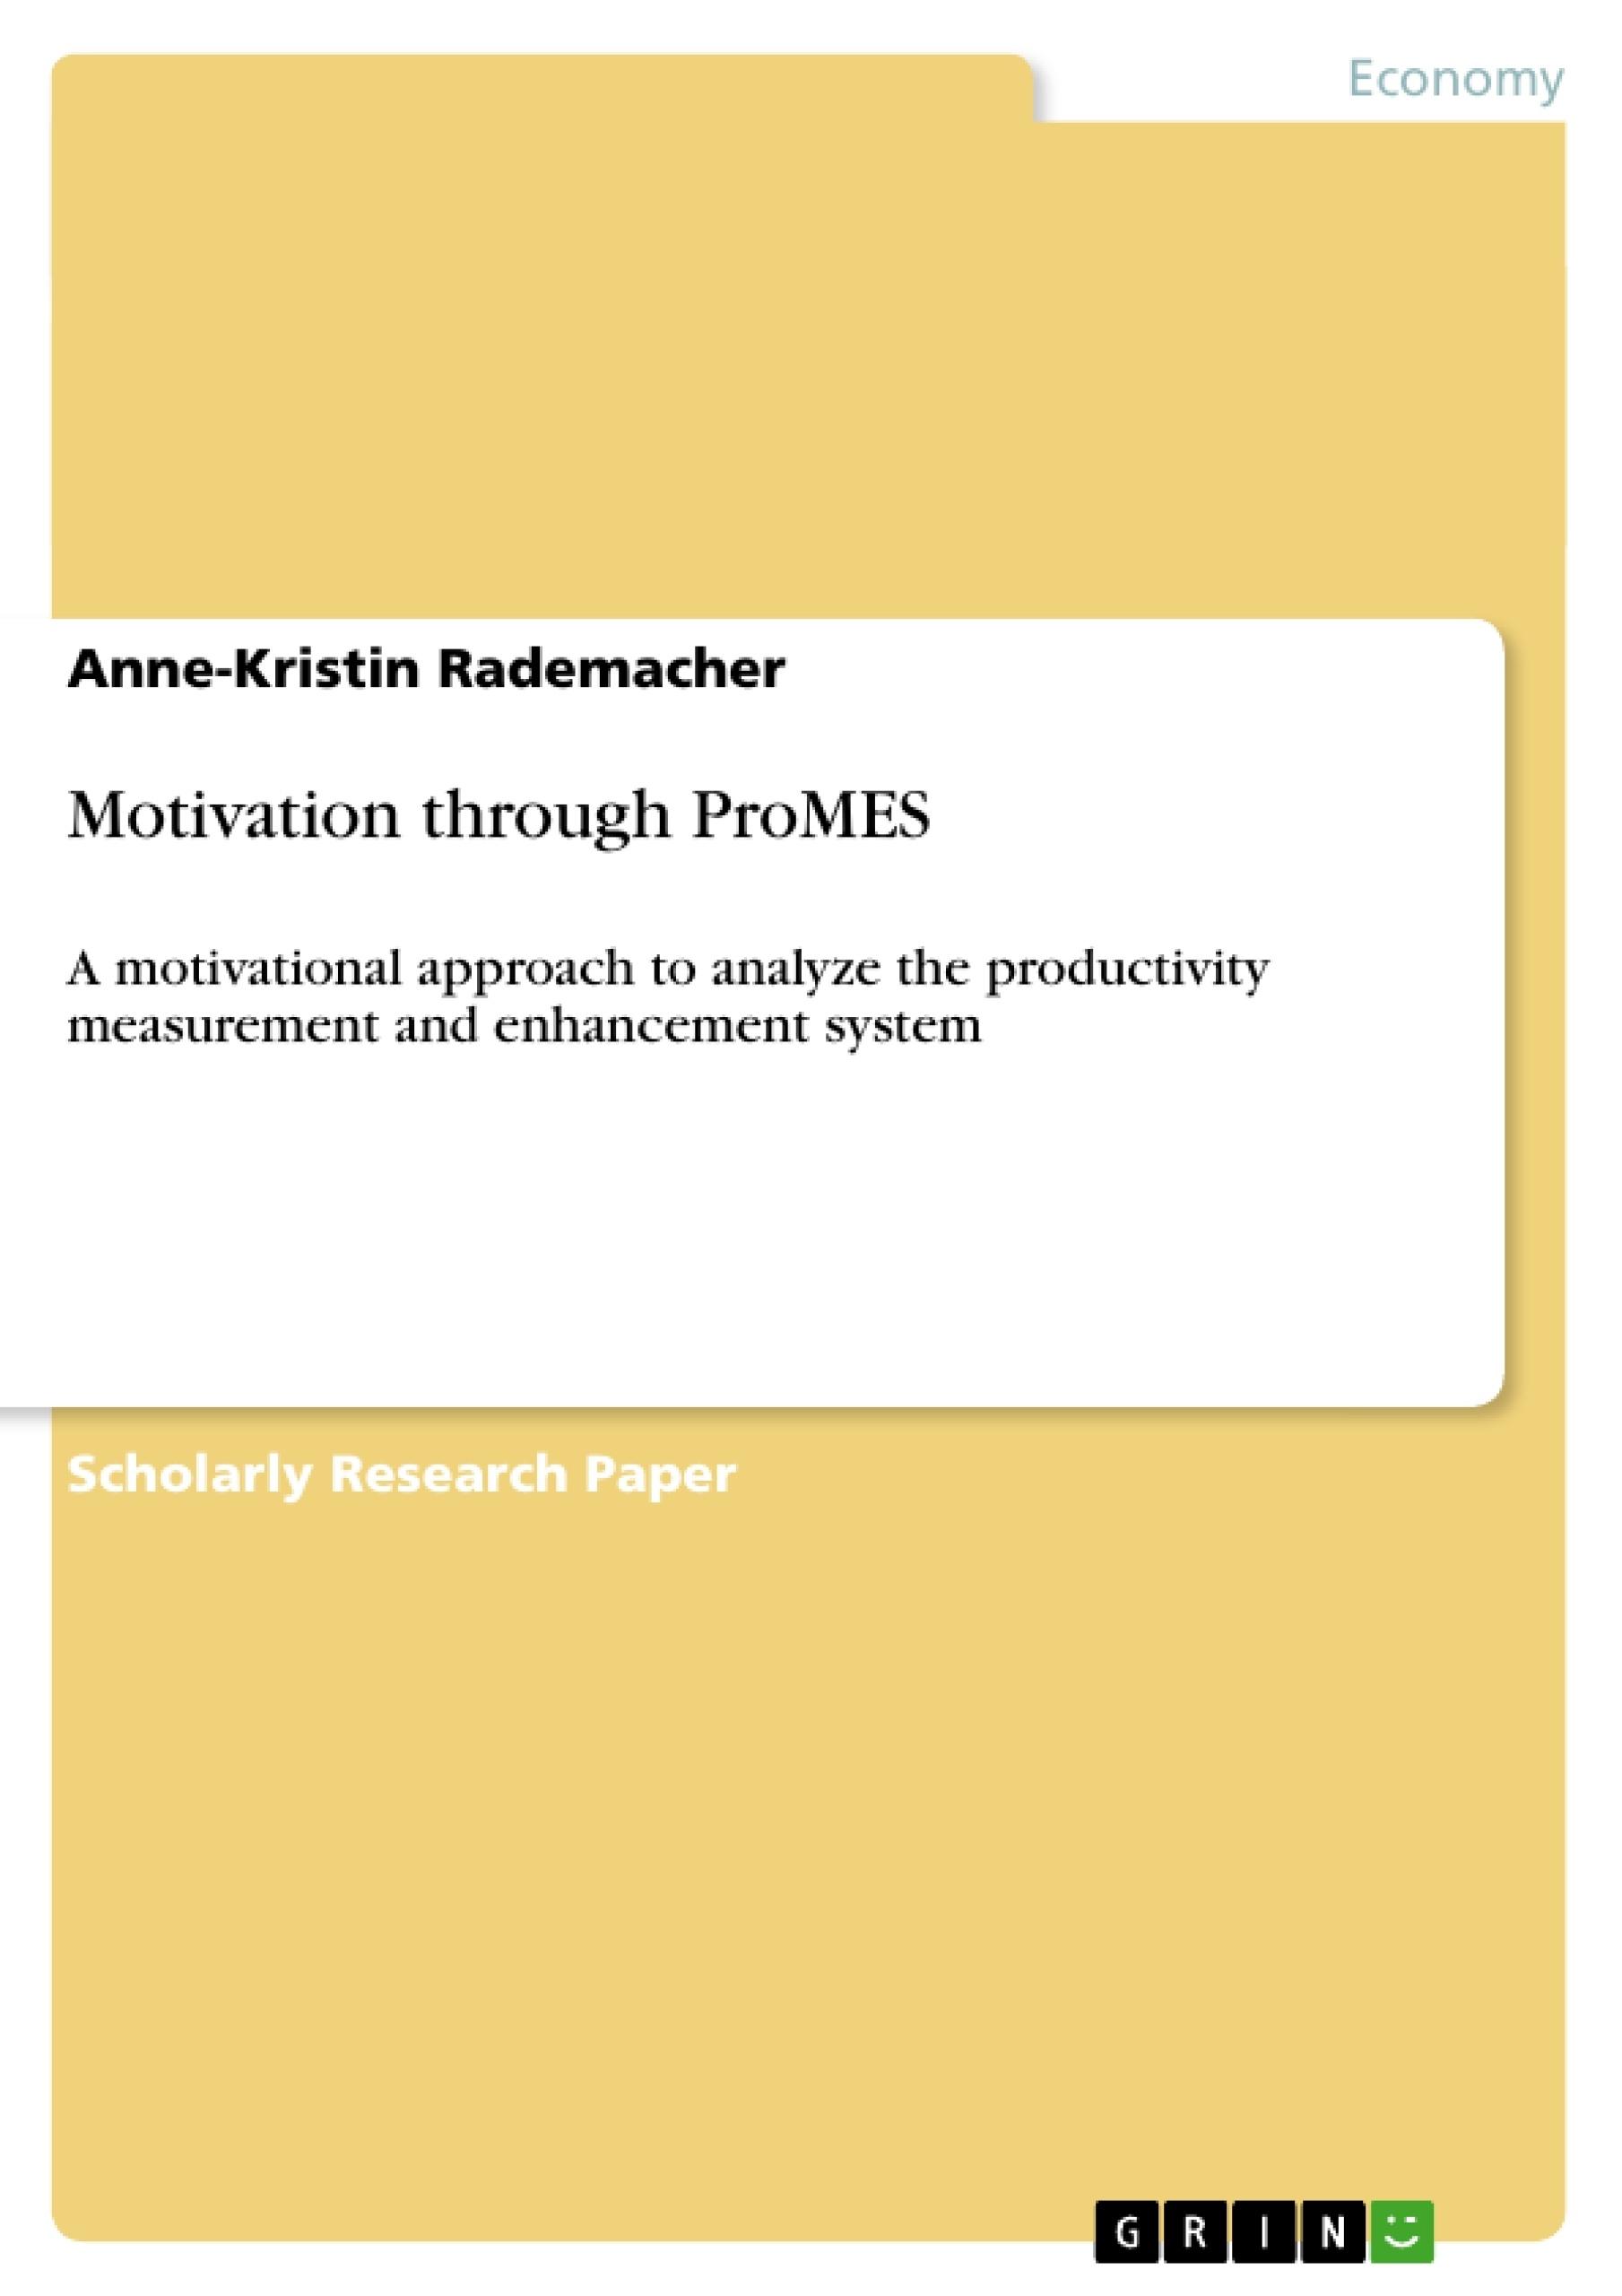 Title: Motivation through ProMES